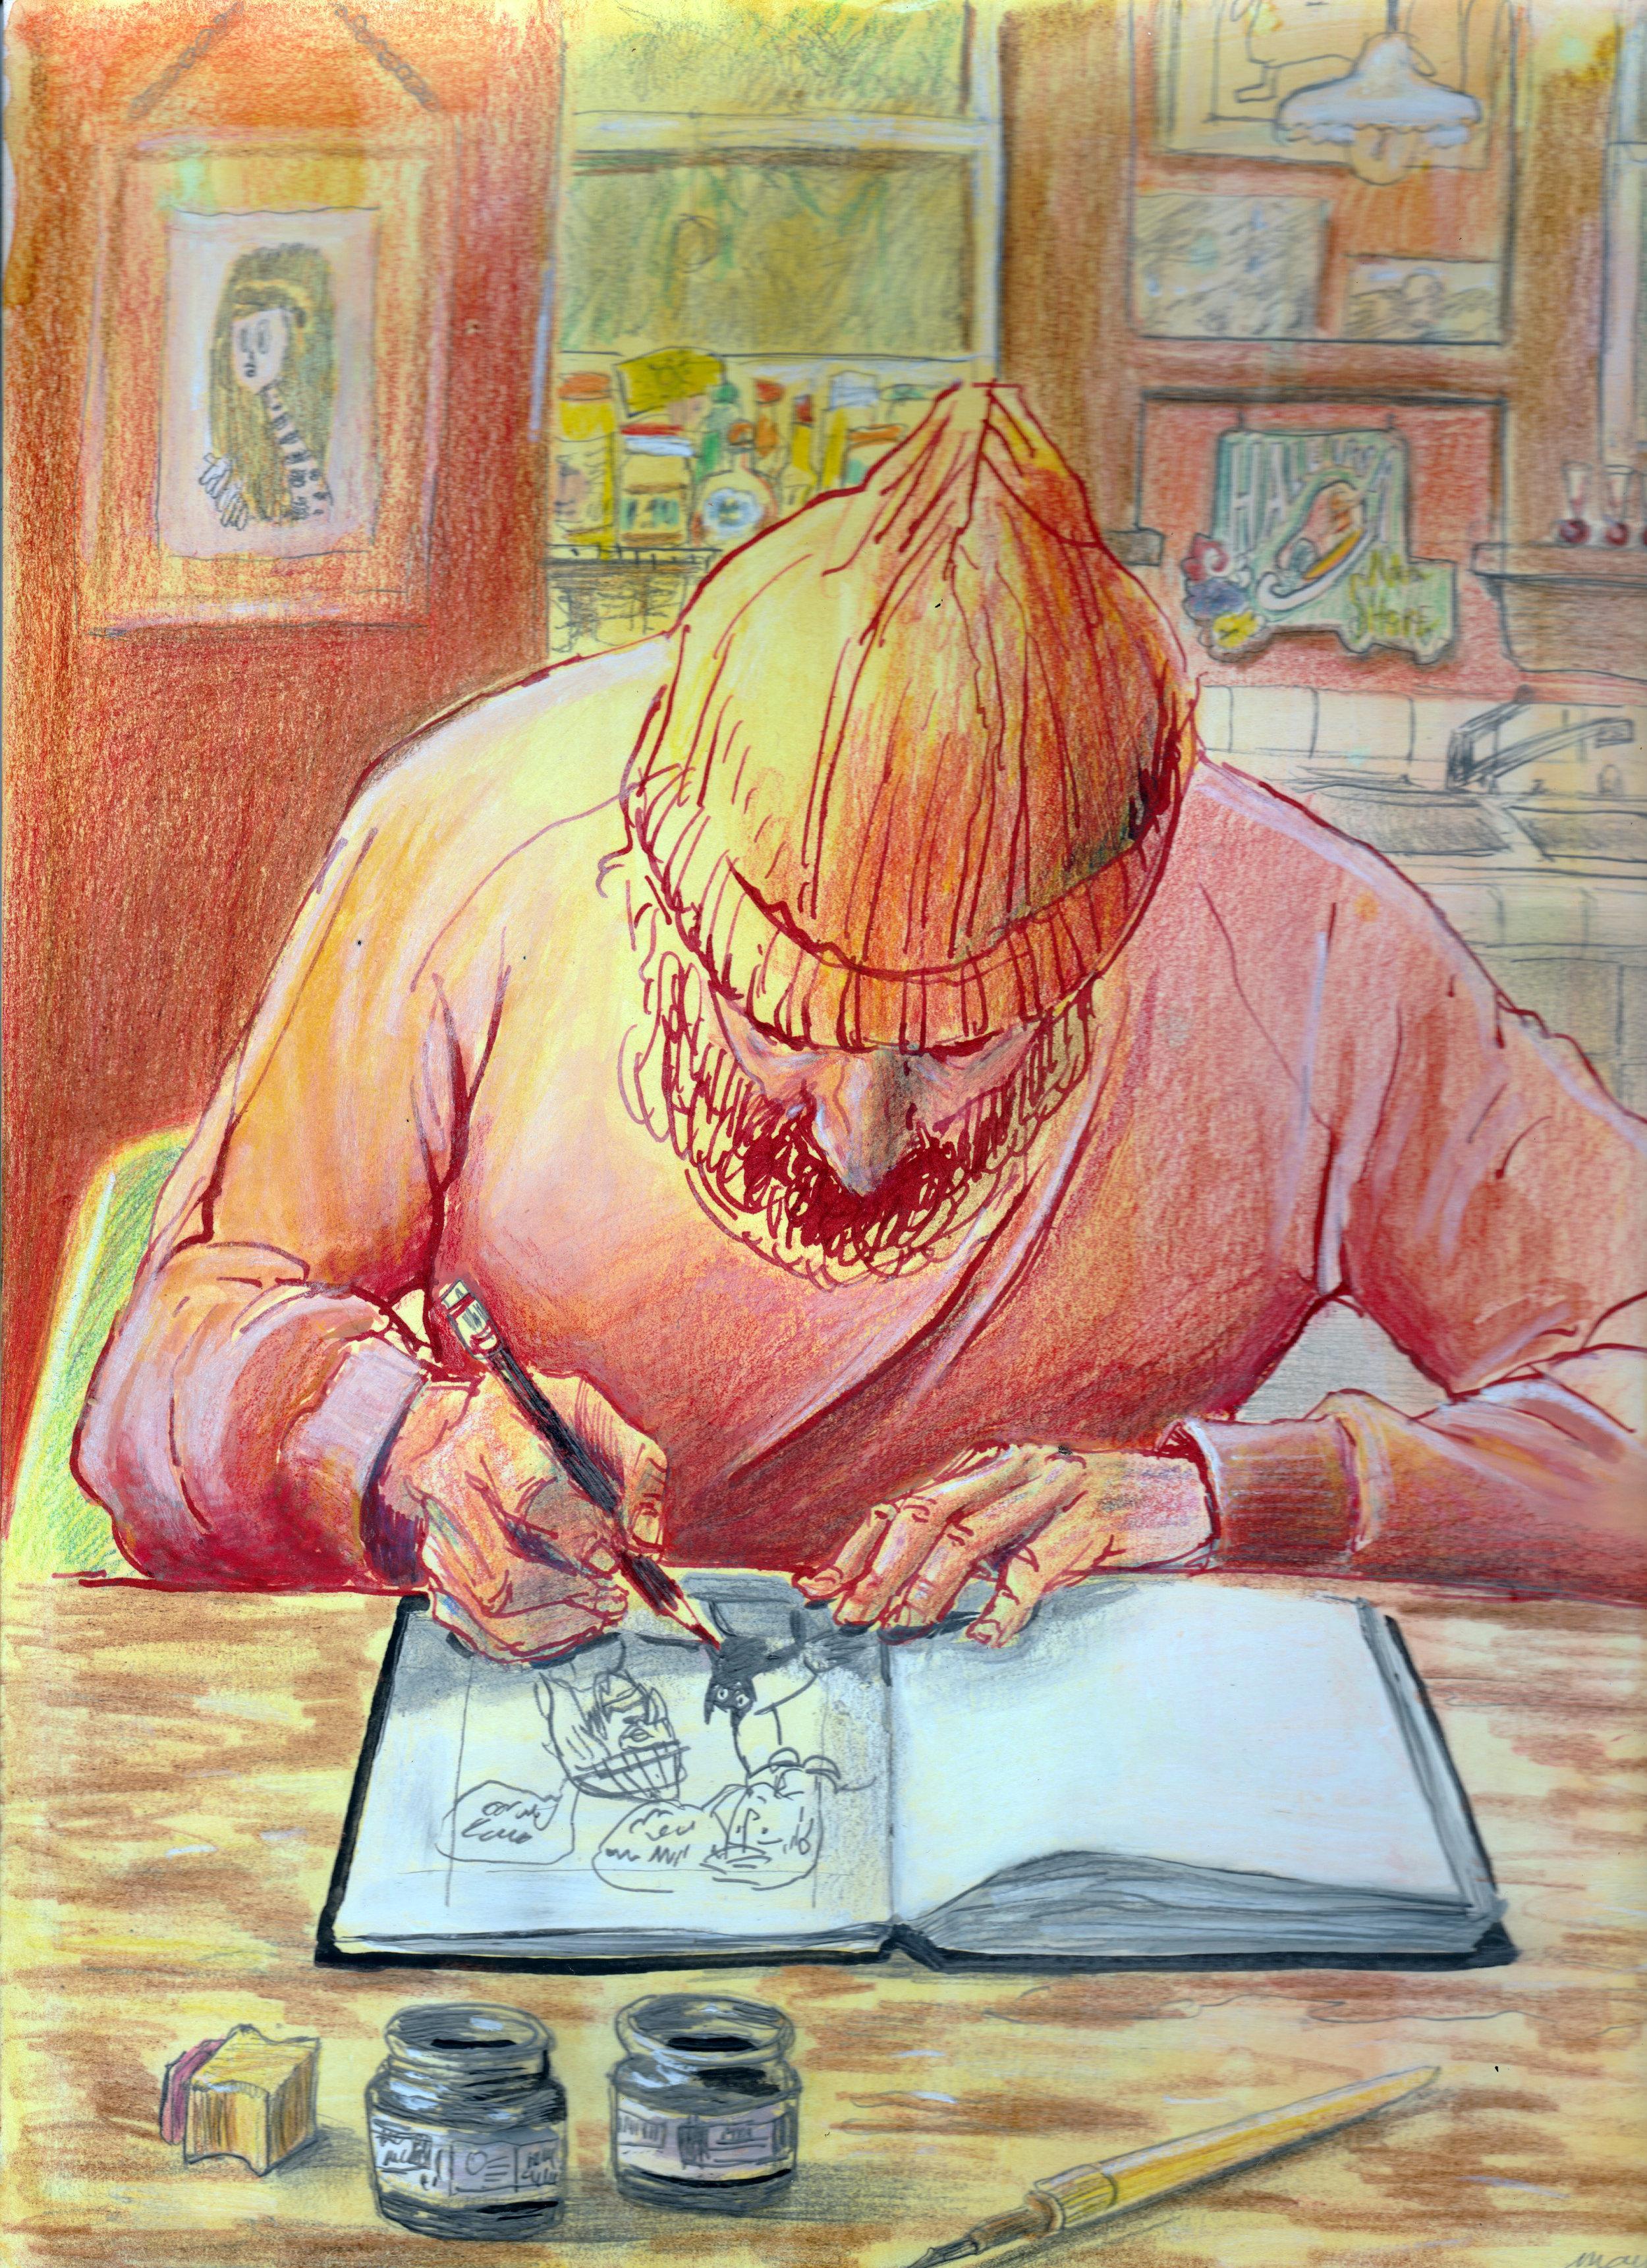 Mayon Hanania-Yayathonman drawing#2.jpeg